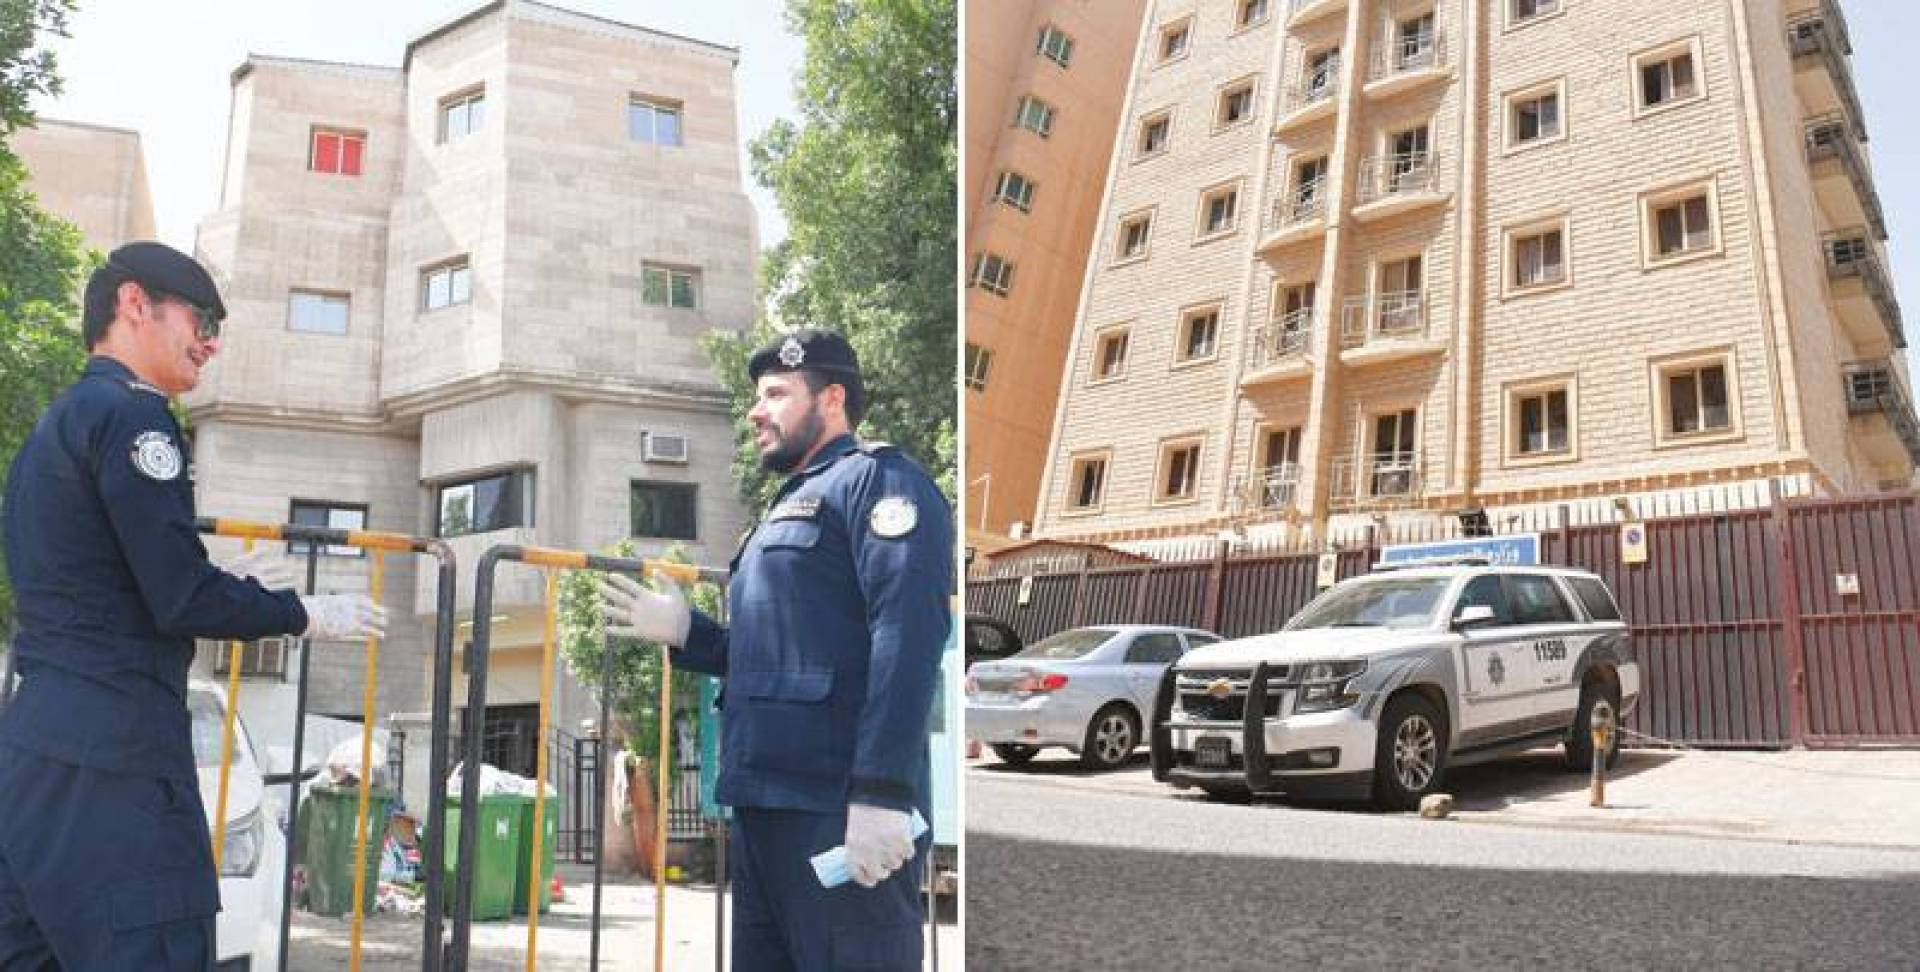 البناية المشمولة بالحجر في السالمية (تصوير: بسام زيدان) - حراسة أمنية أمام منزل الجليب